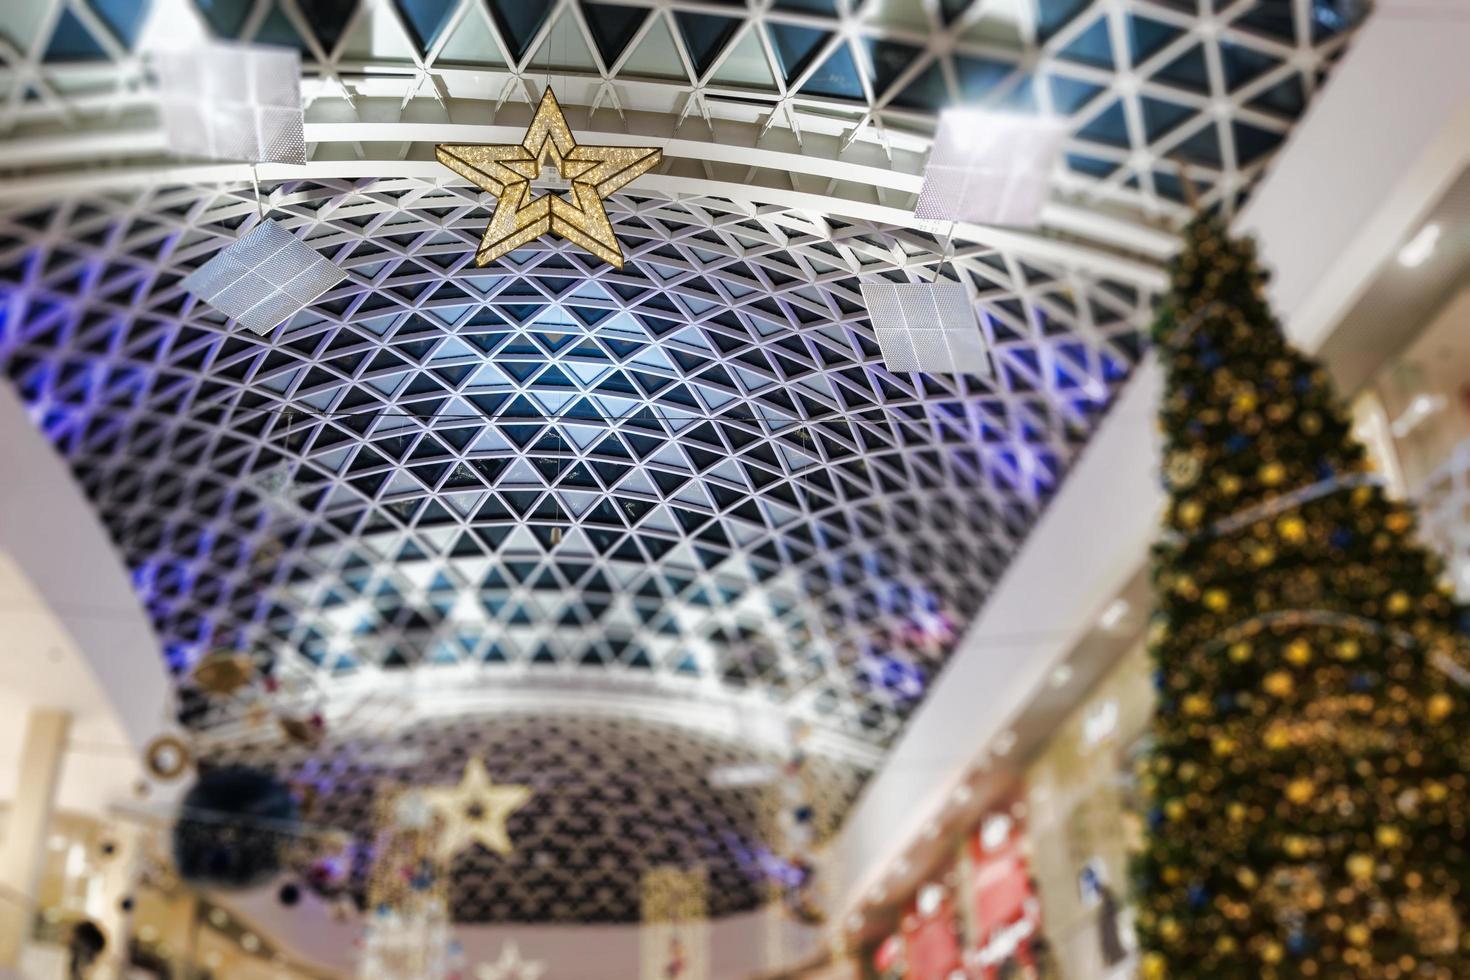 köpcentrum dekorerad för nyår och julhelg. foto